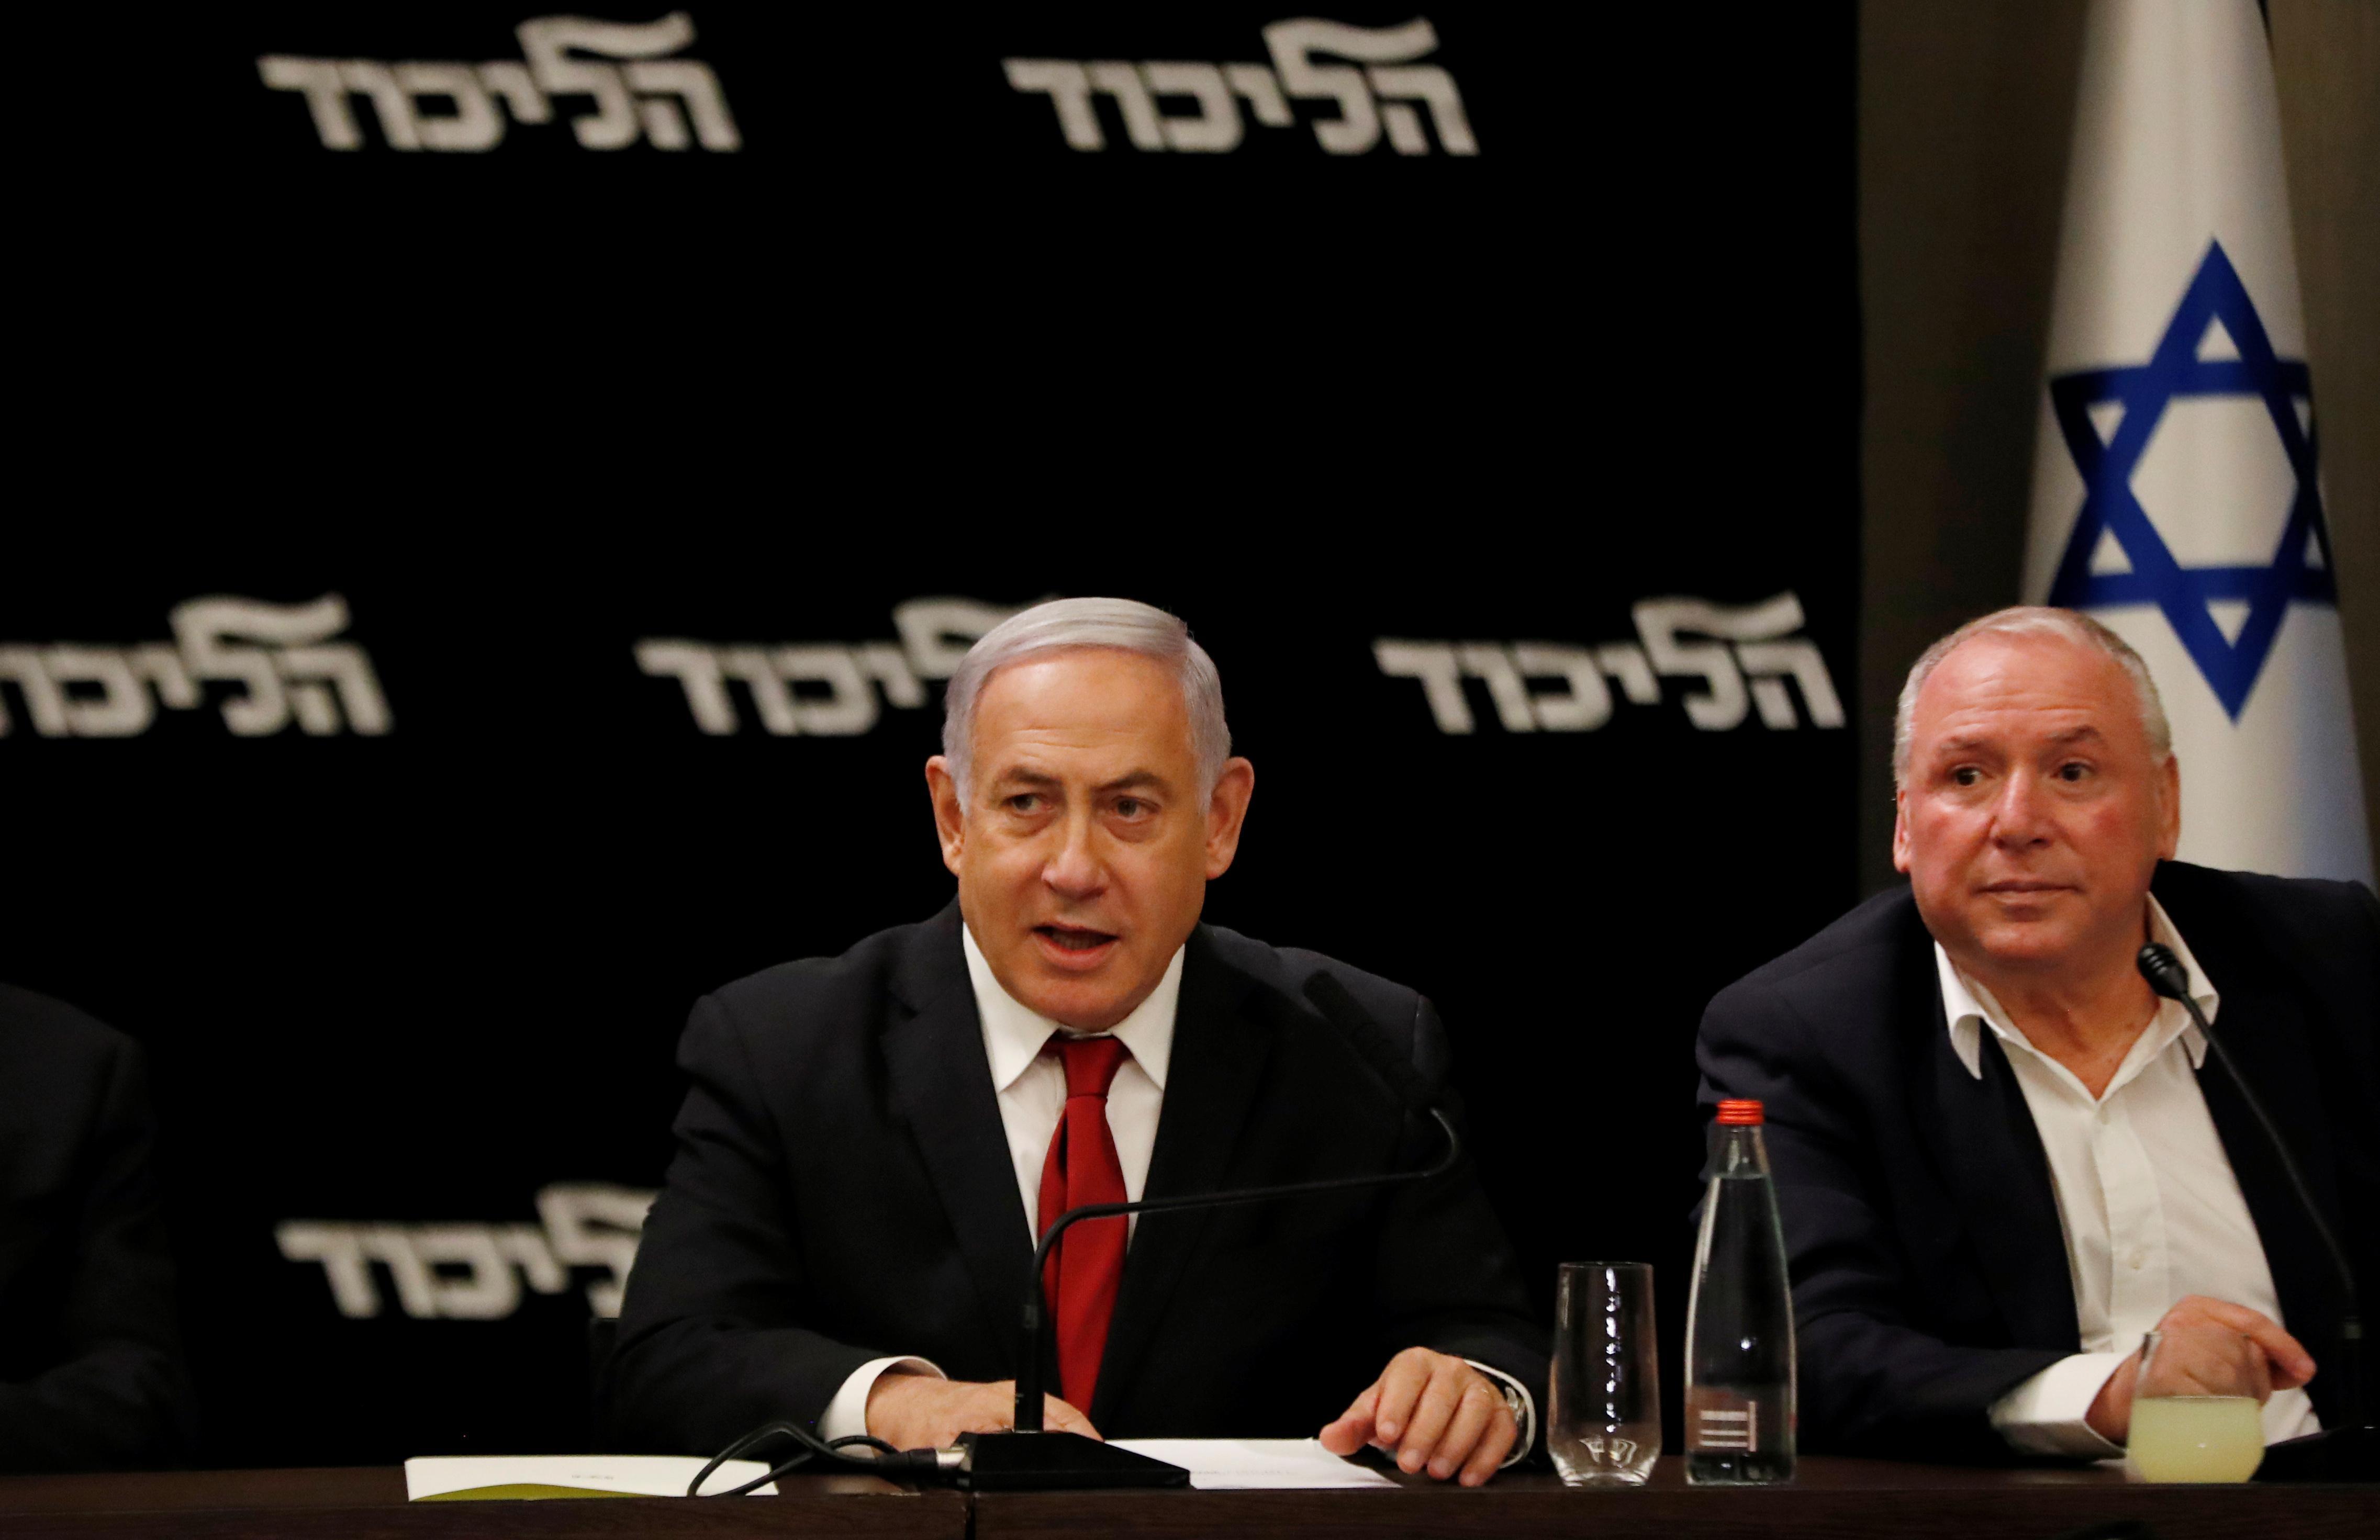 Israeli voters deliver deadlock, Netanyahu's tenure in doubt